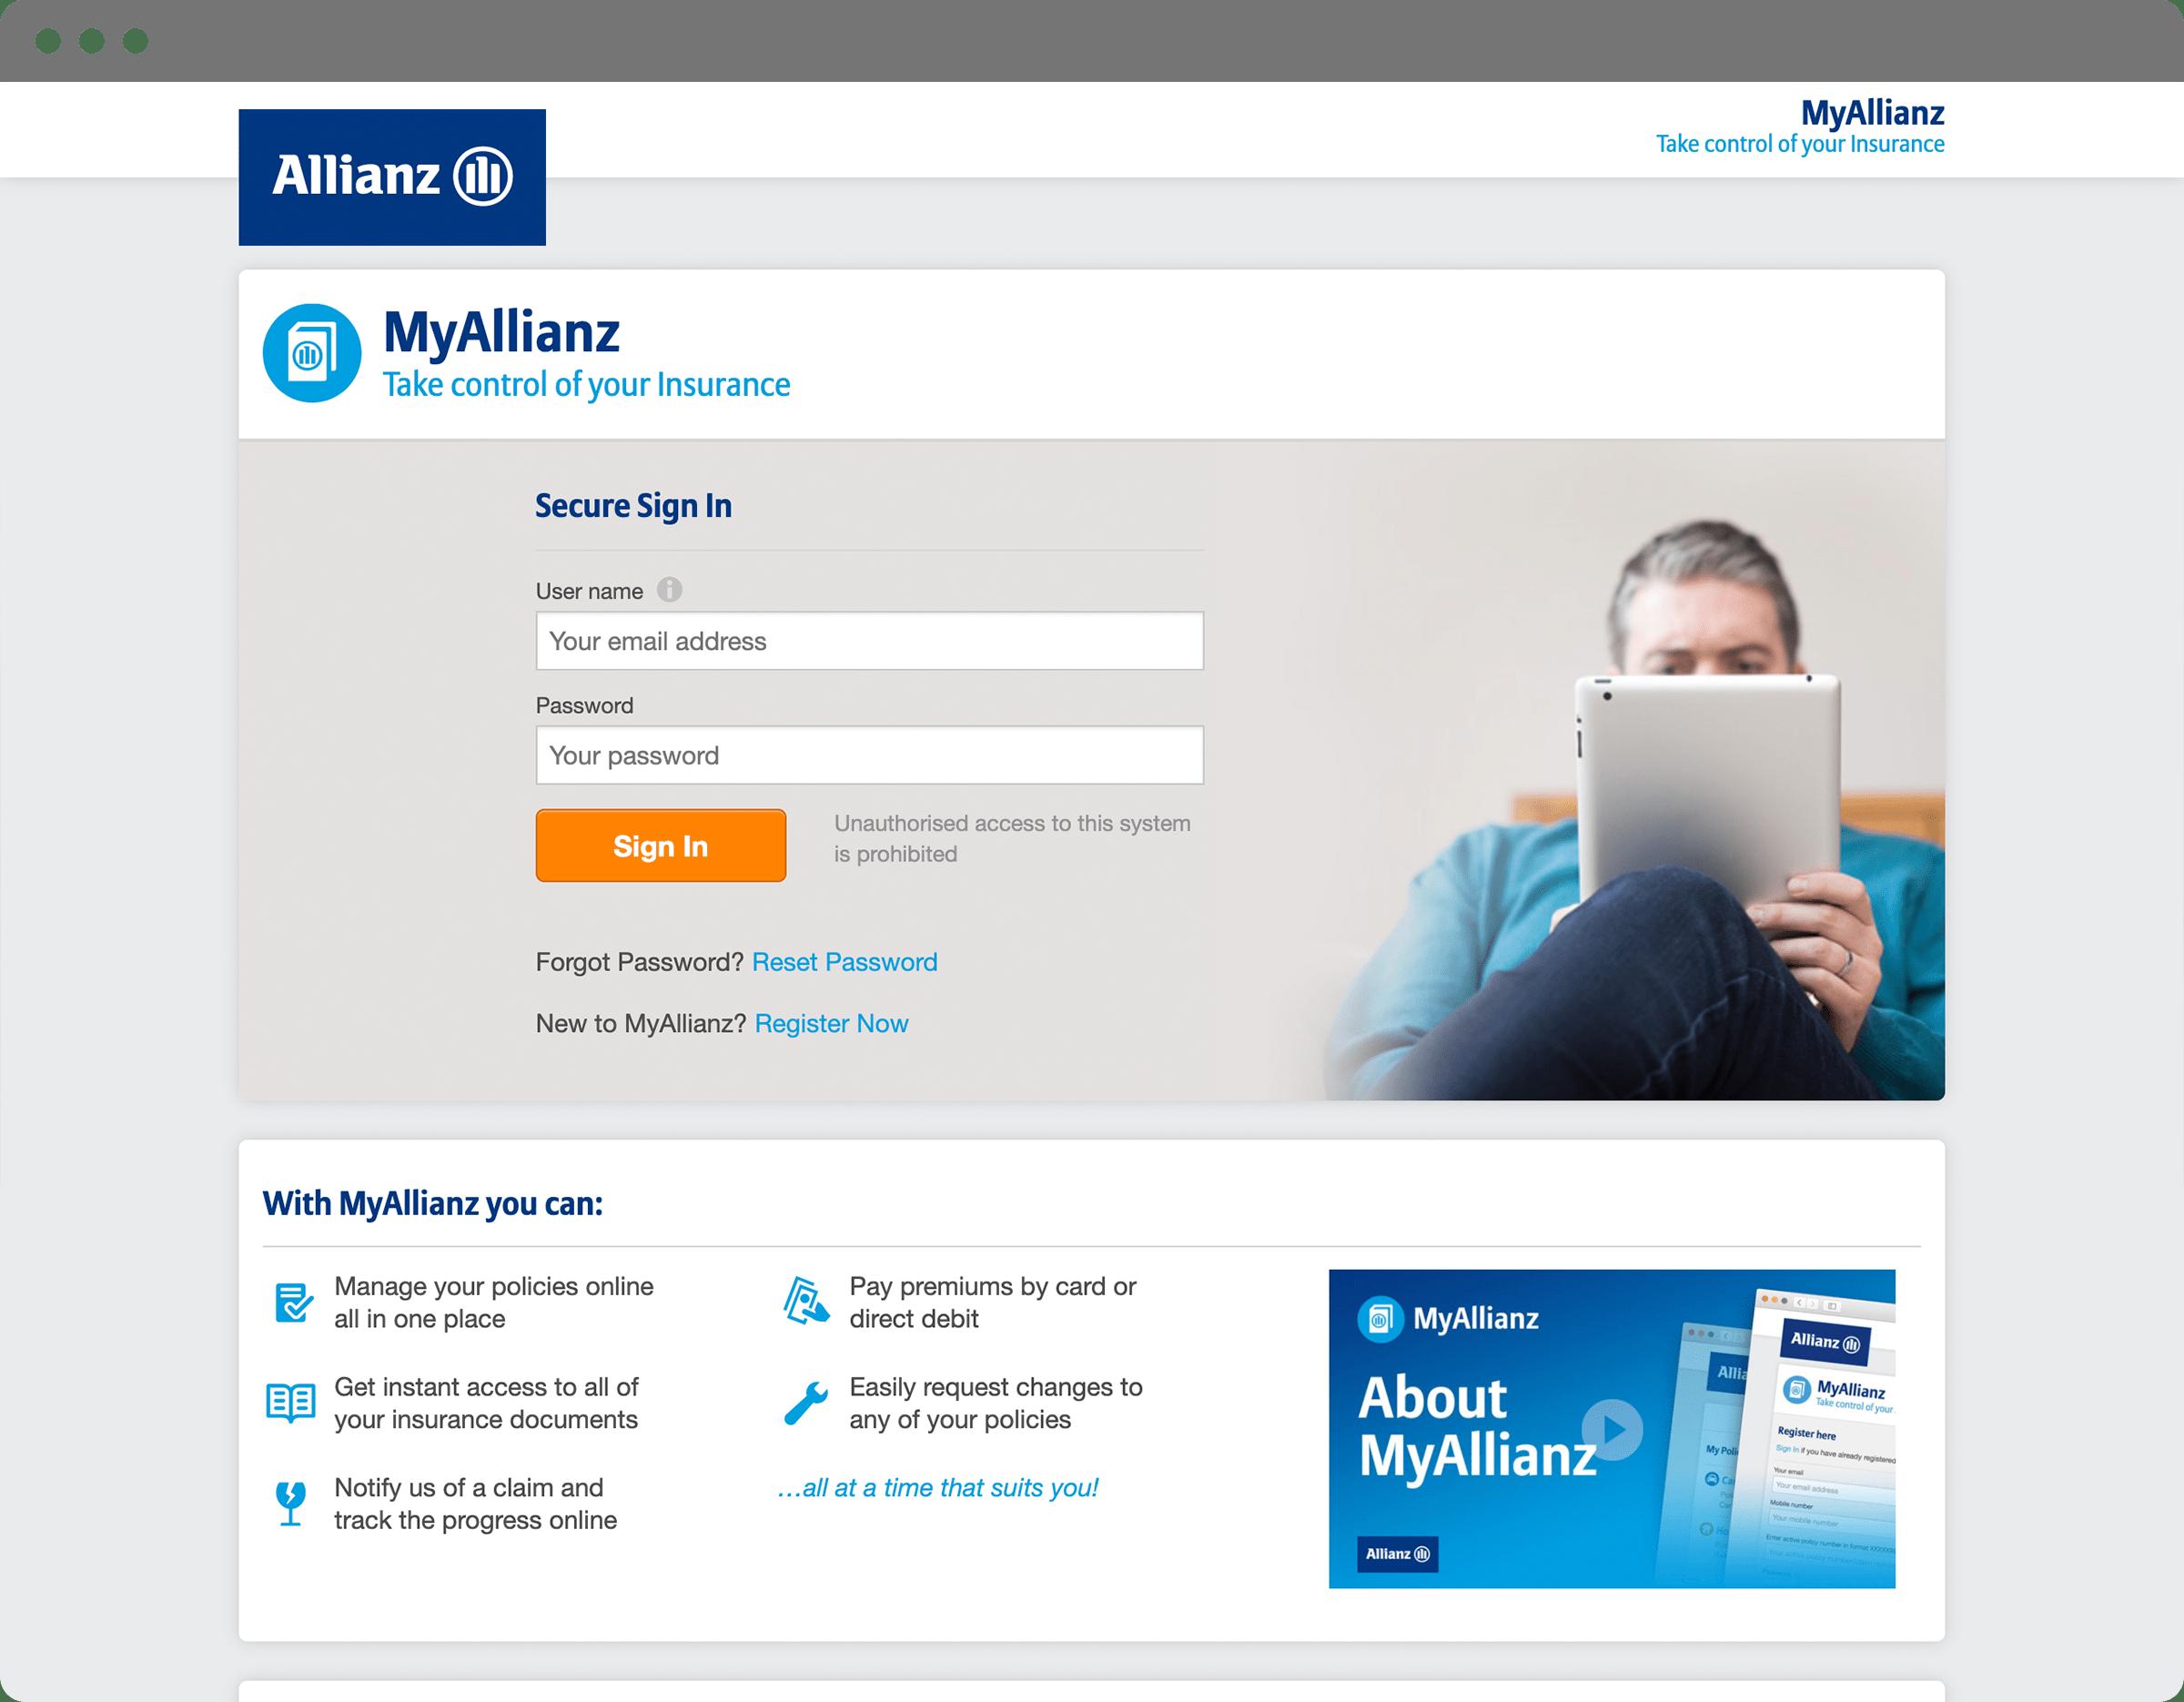 Website design - MyAllianz portal